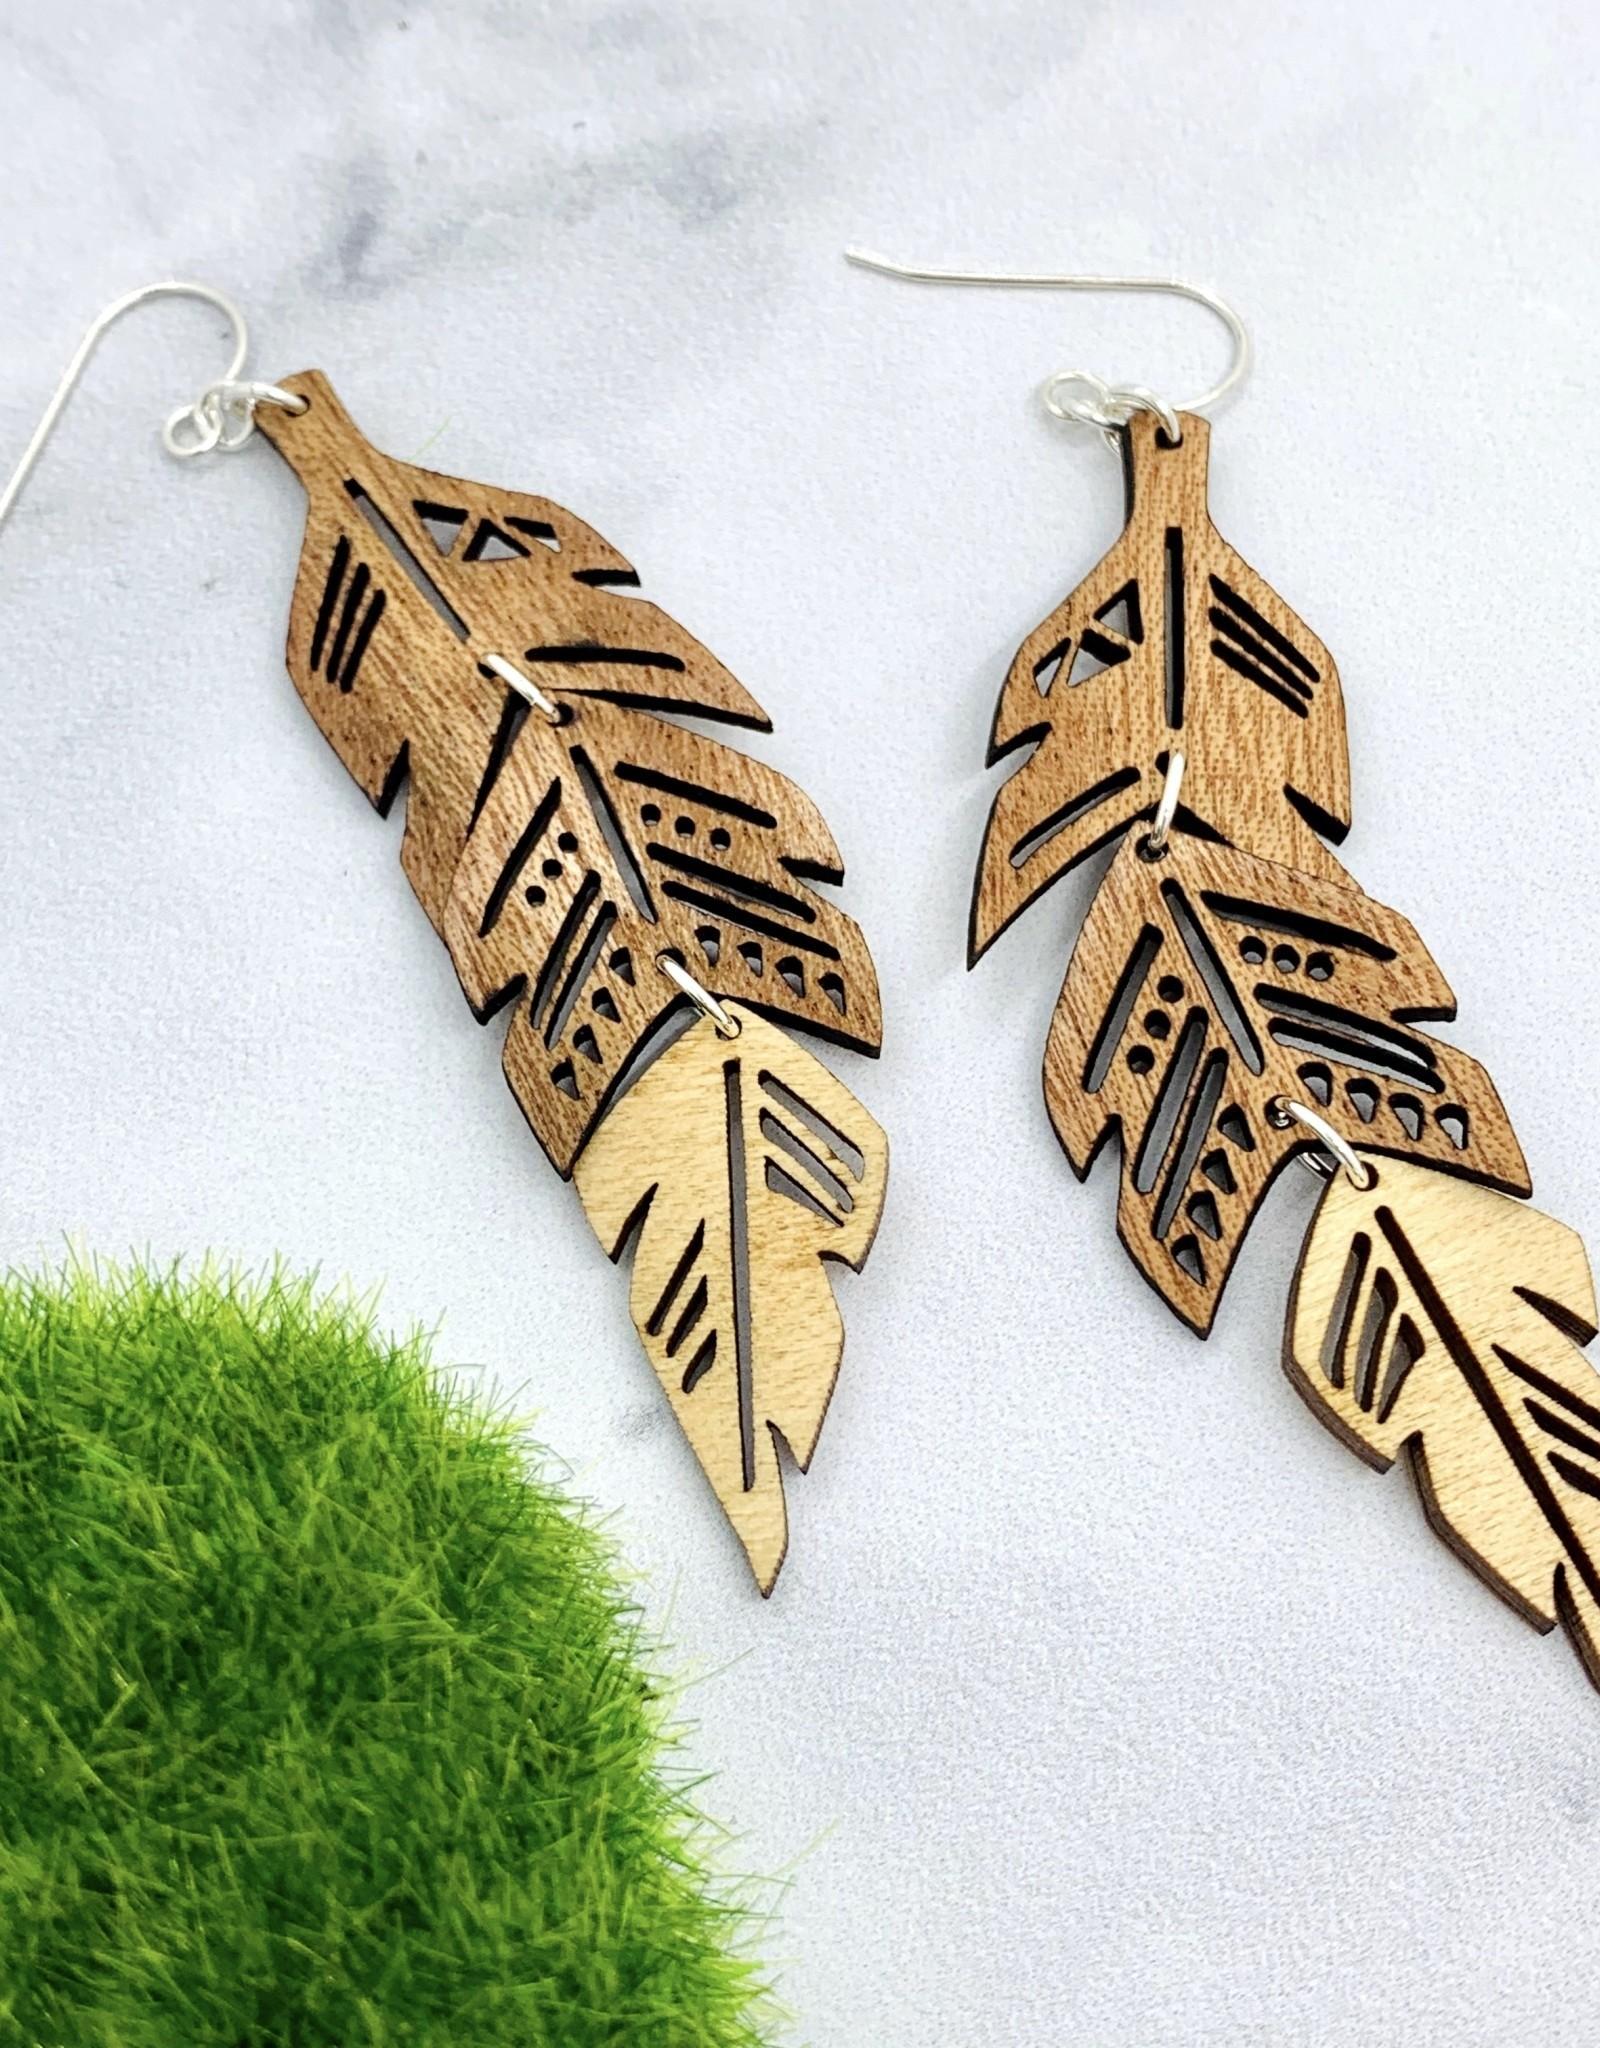 Tiered Feather Lasercut Wood Earrings